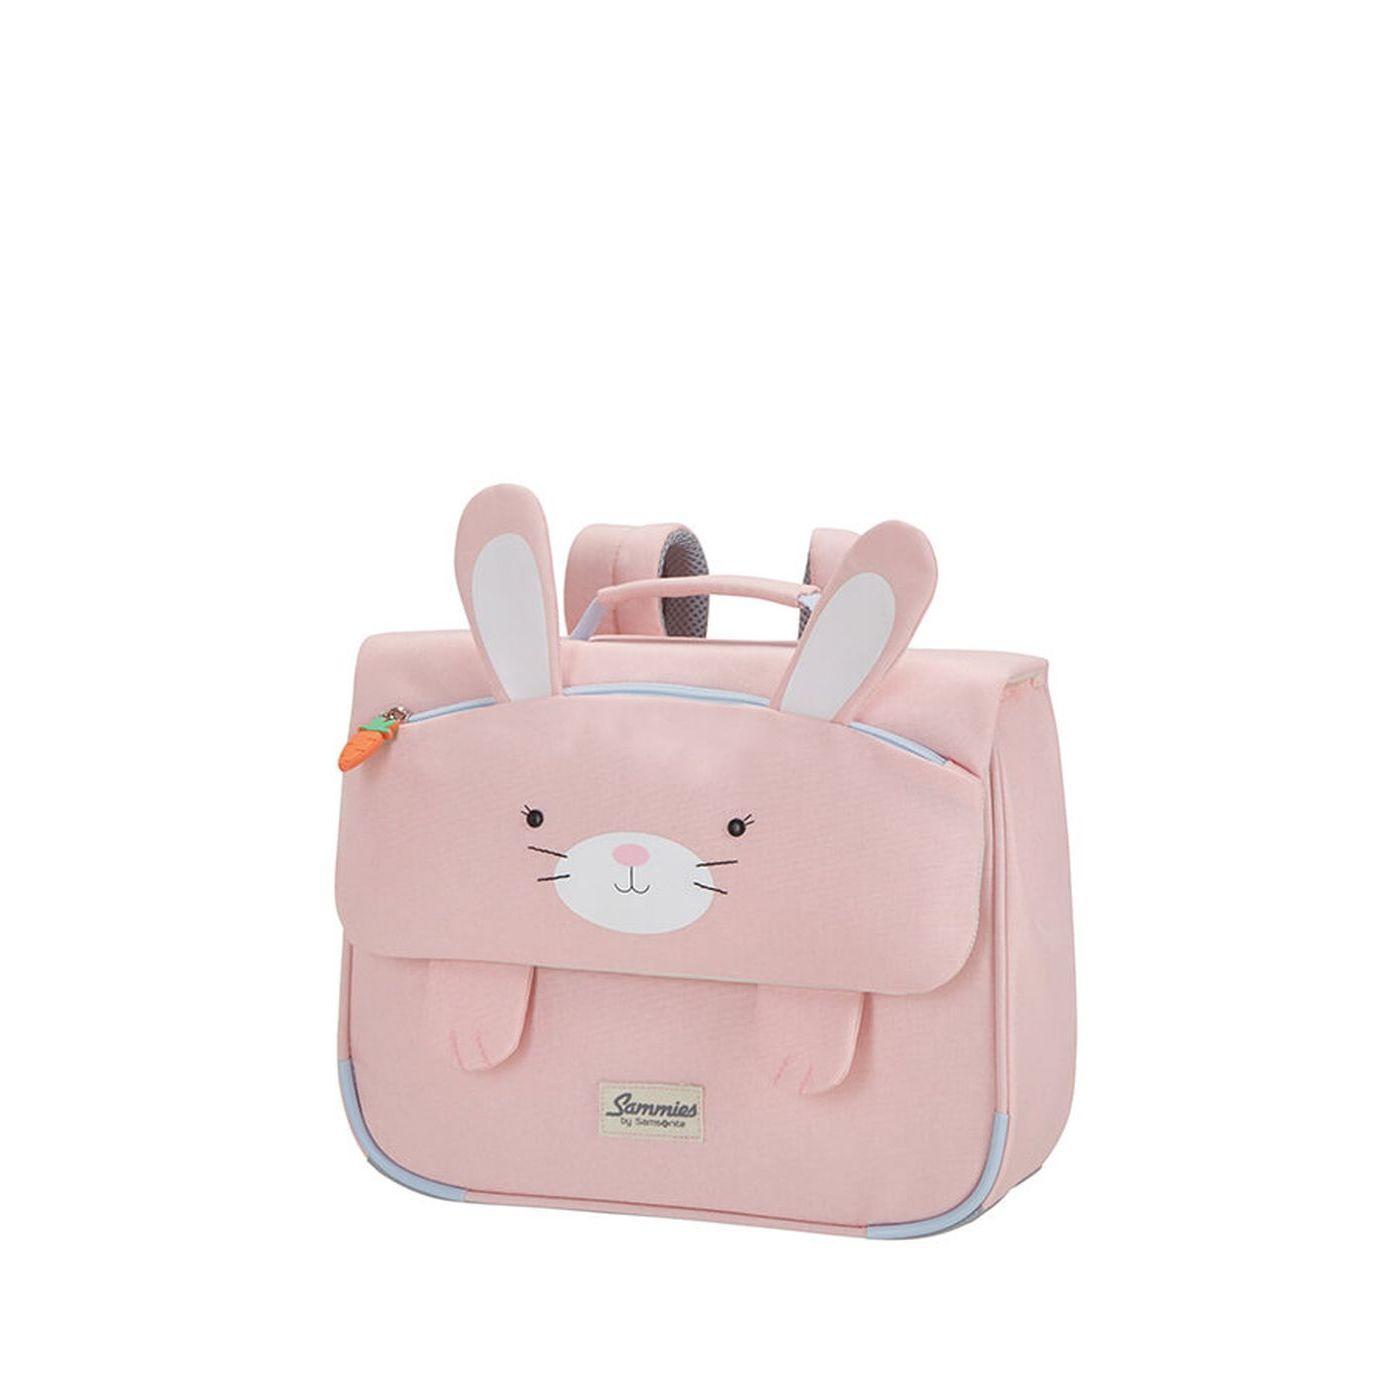 76af1feaa2 Detská školská taška Samsonite Happy Sammies Schoolbag S Rabbit Rosie  CD0 002